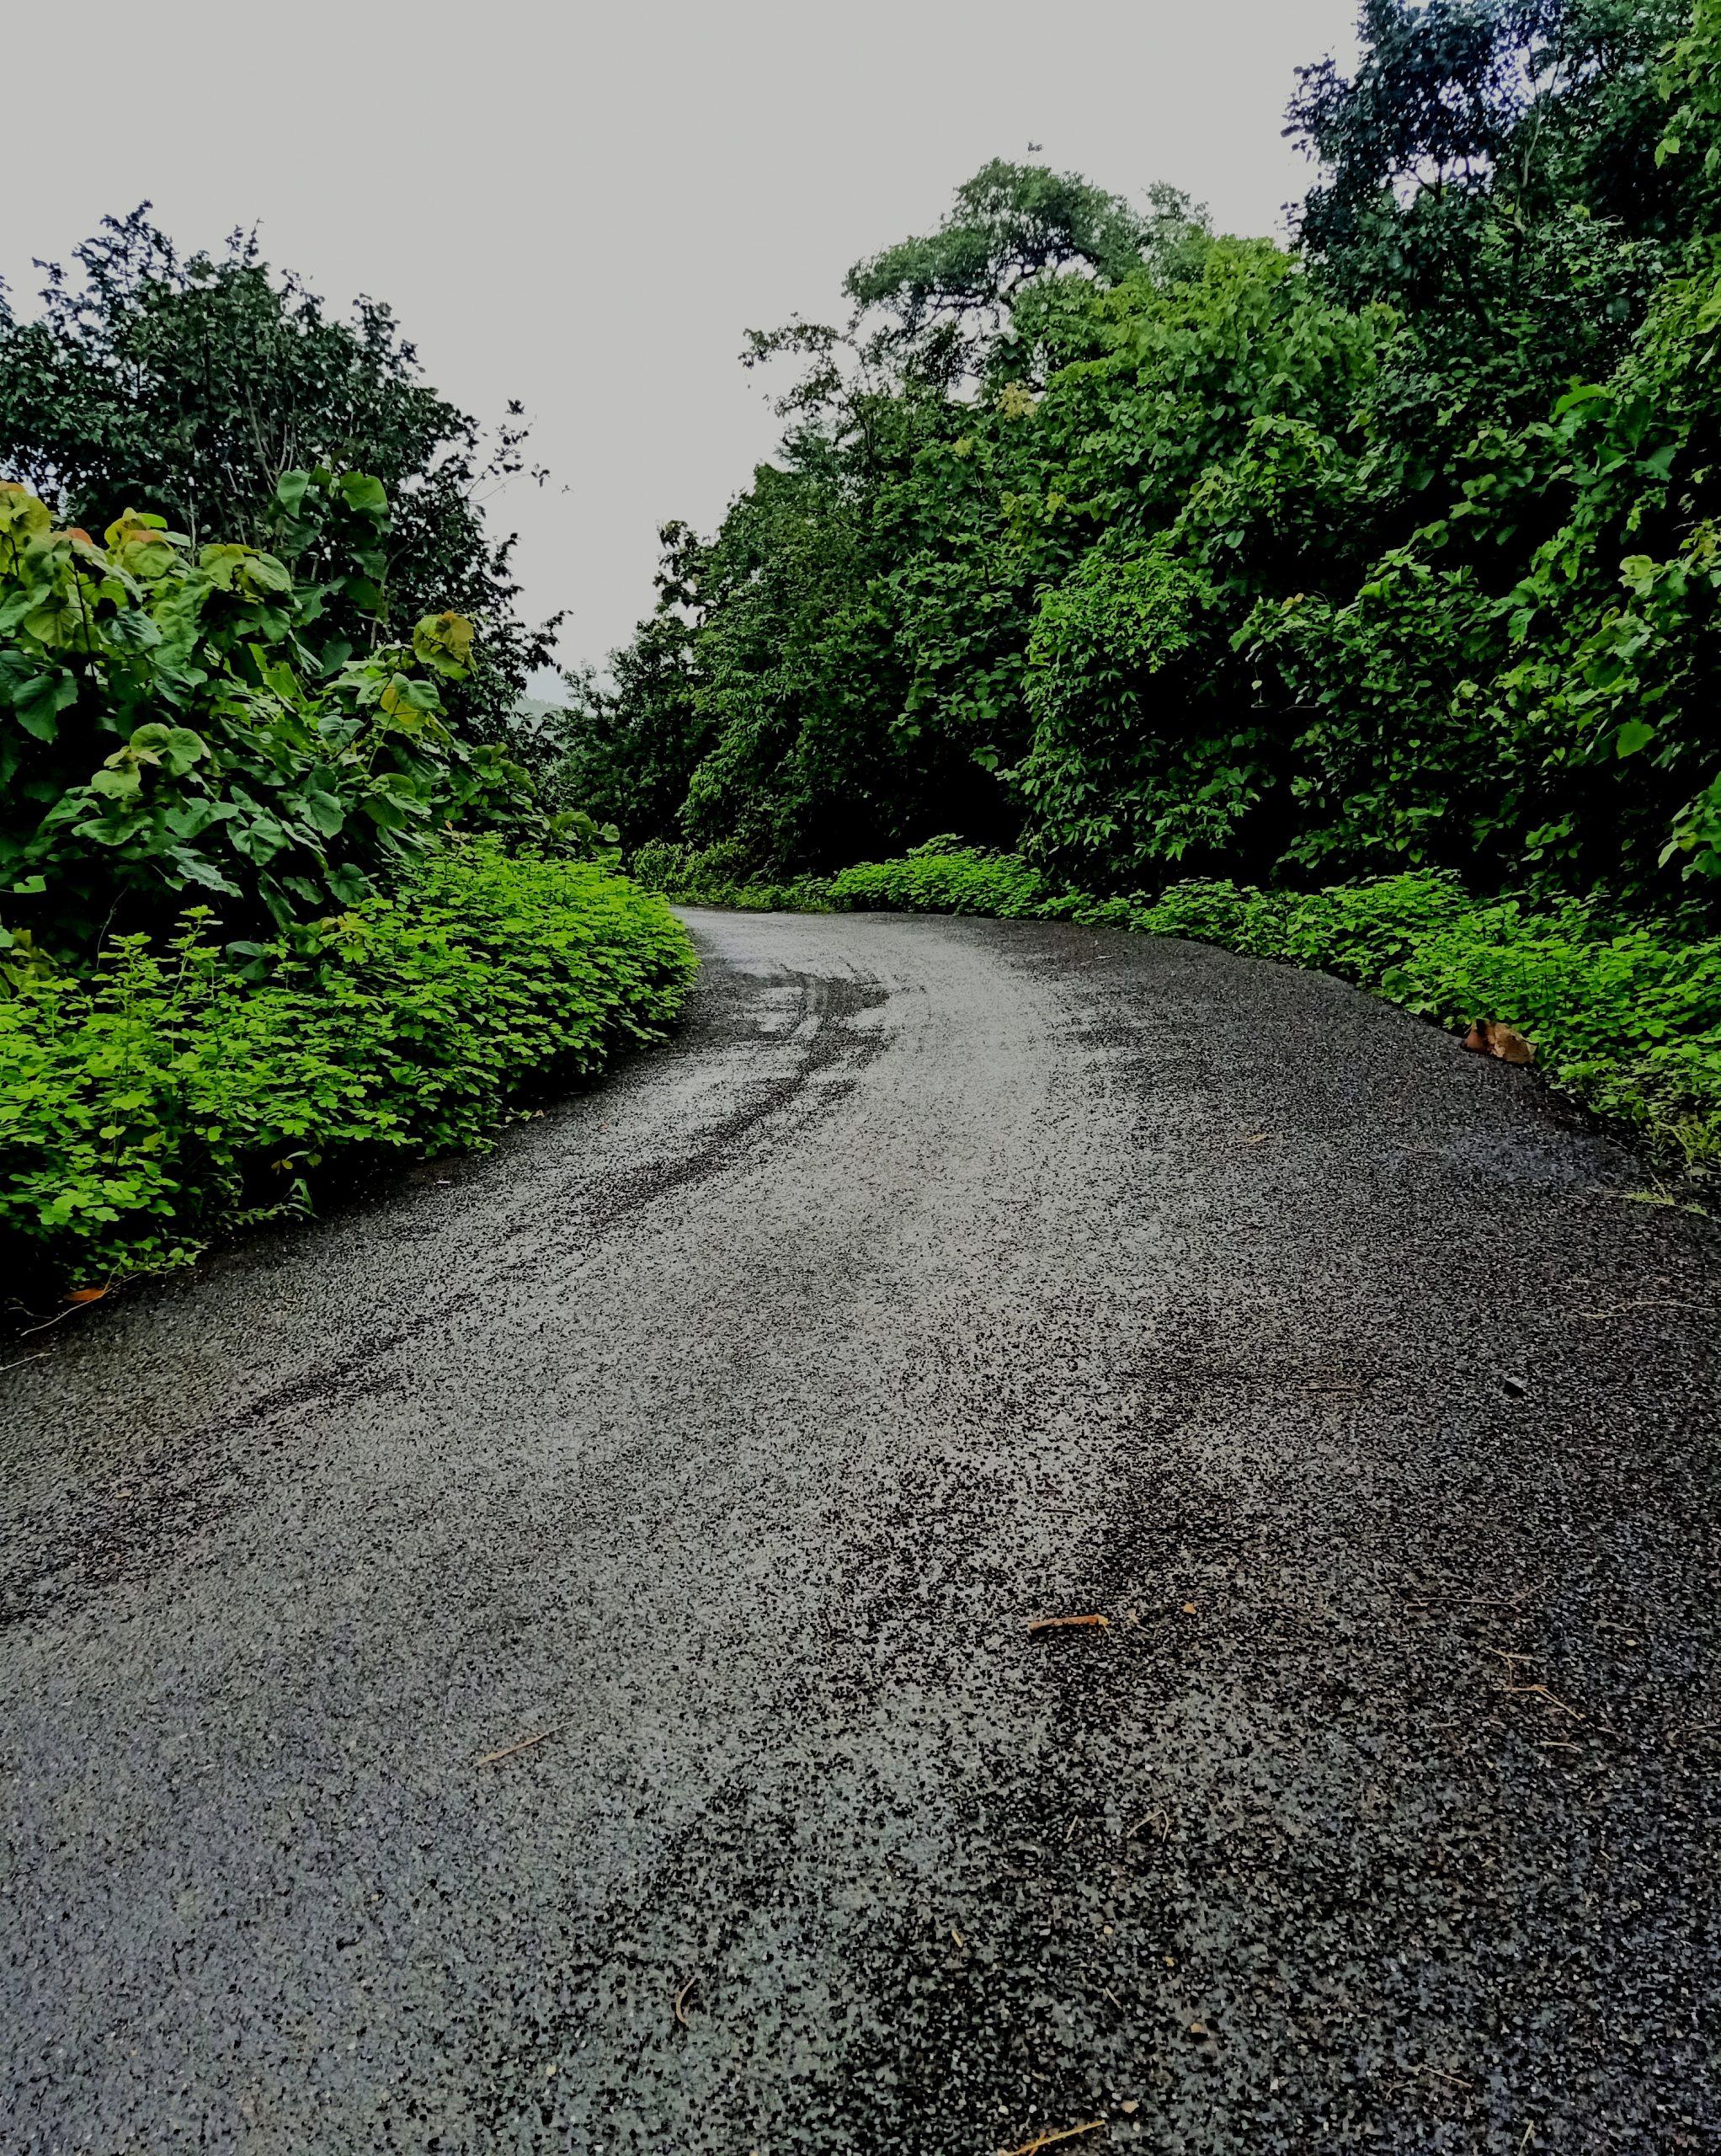 a road among trees